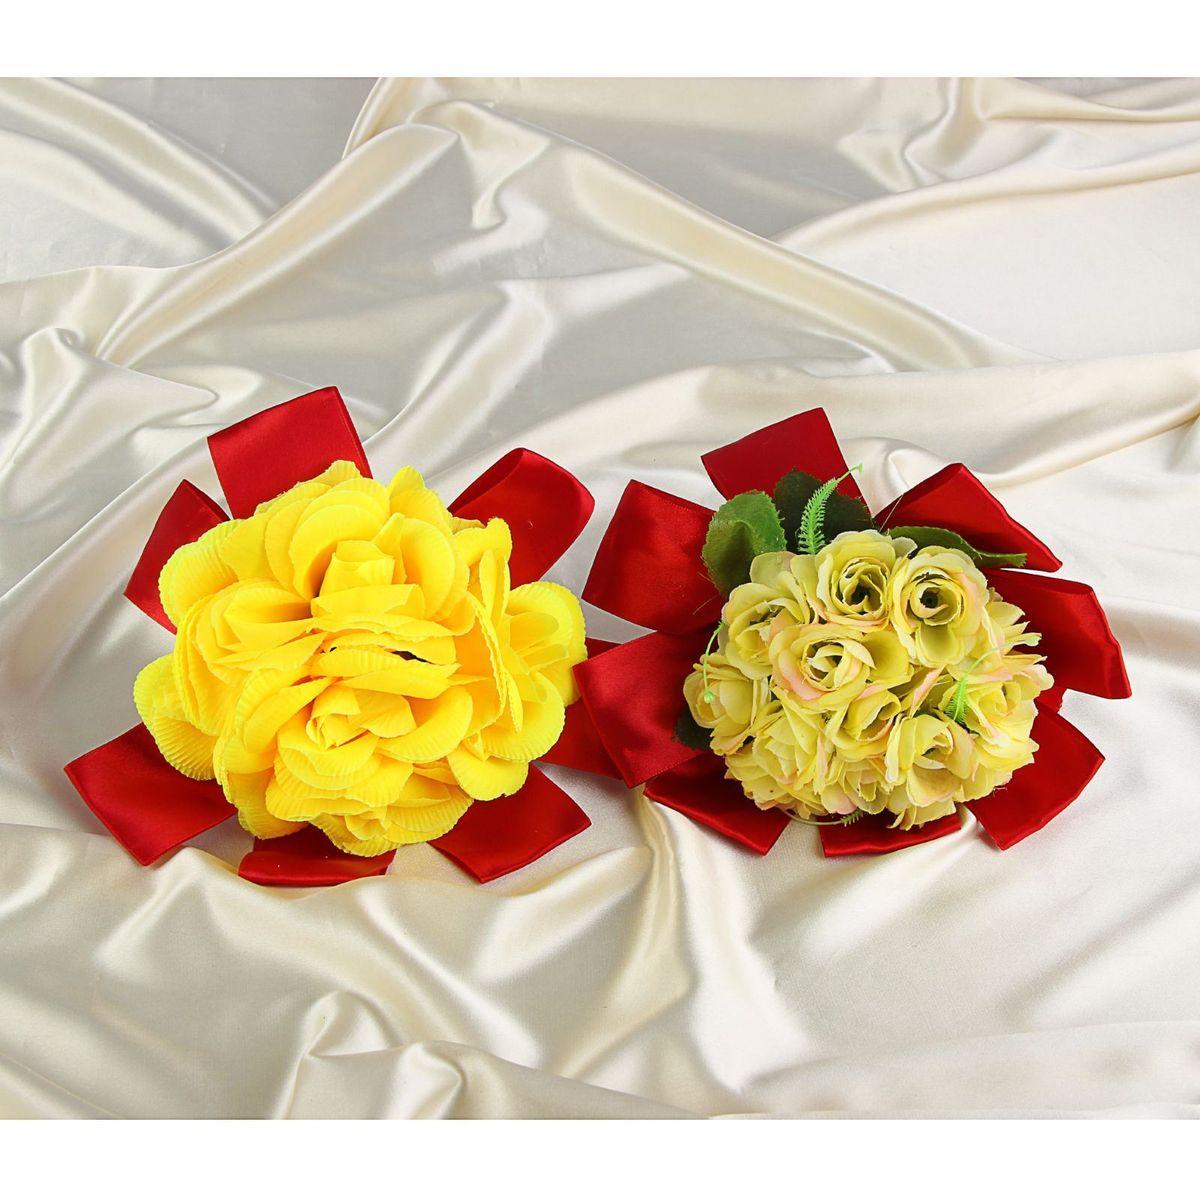 Букет-дублер Sima-land, цвет: желтый, красный. 12511641251164Добавьте в интерьер частичку весны! Дублер букета невесты из желтых цветов в красном оформлении, микс будет радовать неувядающей красотой не один год. Просто поставьте его в вазу или создайте пышную композицию. Искусственные растения не требуют поливки, особого освещения и другого специального ухода. Они украсят любое помещение (например, ванную с повышенной влажностью или затемнённый коридор). Дом становится уютным благодаря мелочам. Преобразите интерьер, а вместе с ним улучшится и настроение